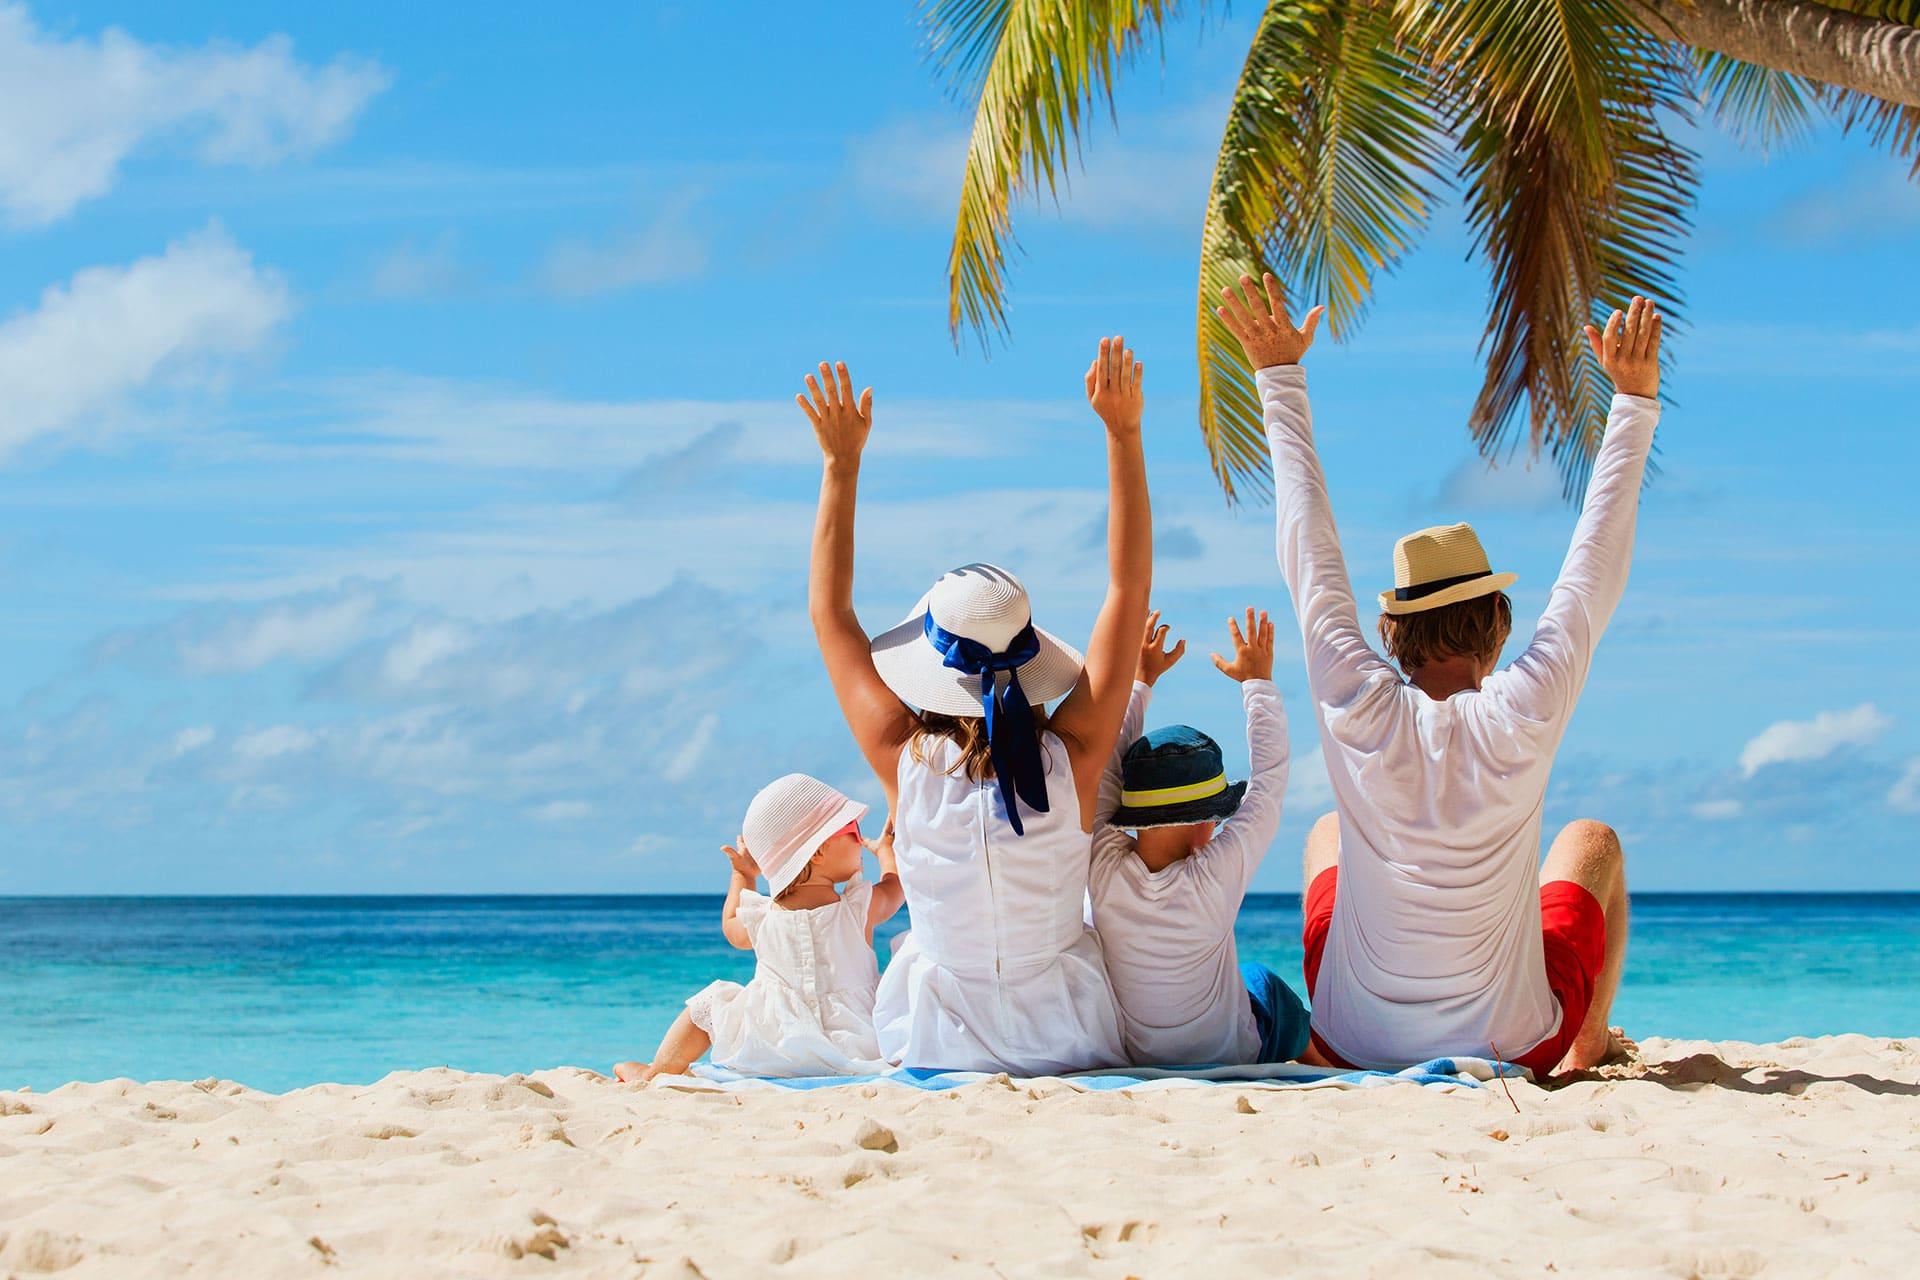 Vpliv izdelkov za zaščito pred soncem na koralne grebene